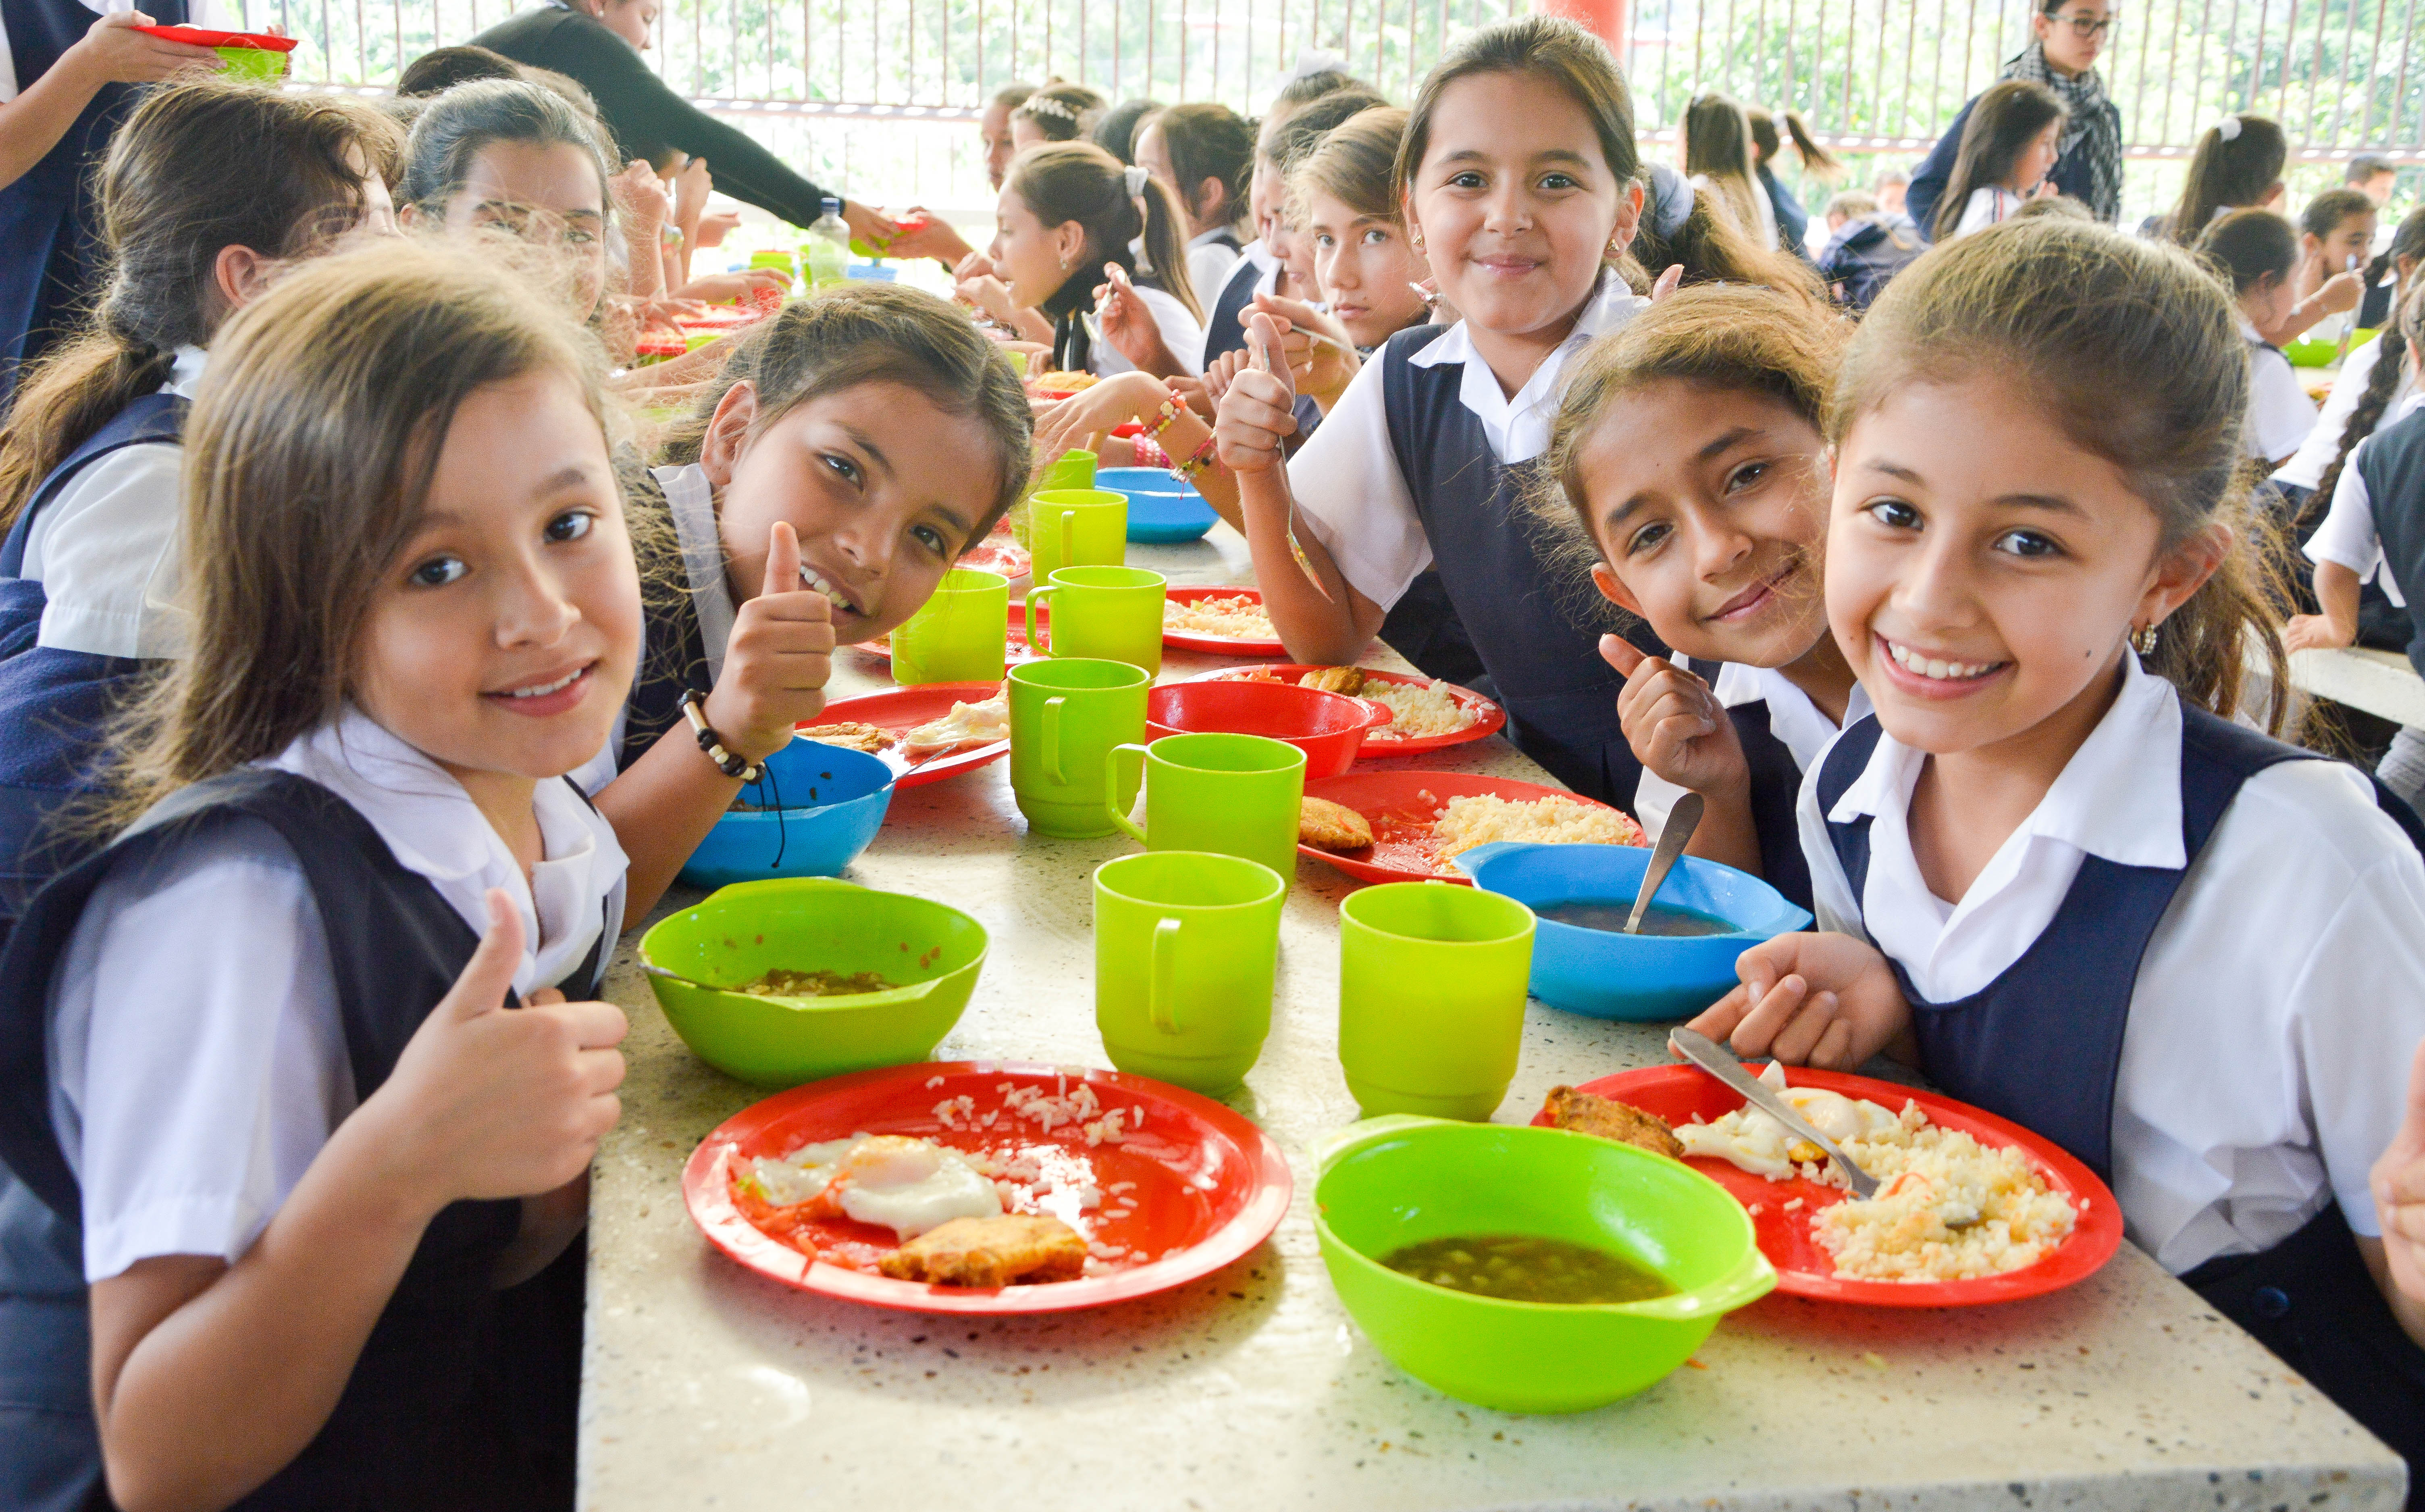 Adjudicado el PAE en Santander. Cuatro alianzas temporales alimentarán a los estudiantes  | EL FRENTE